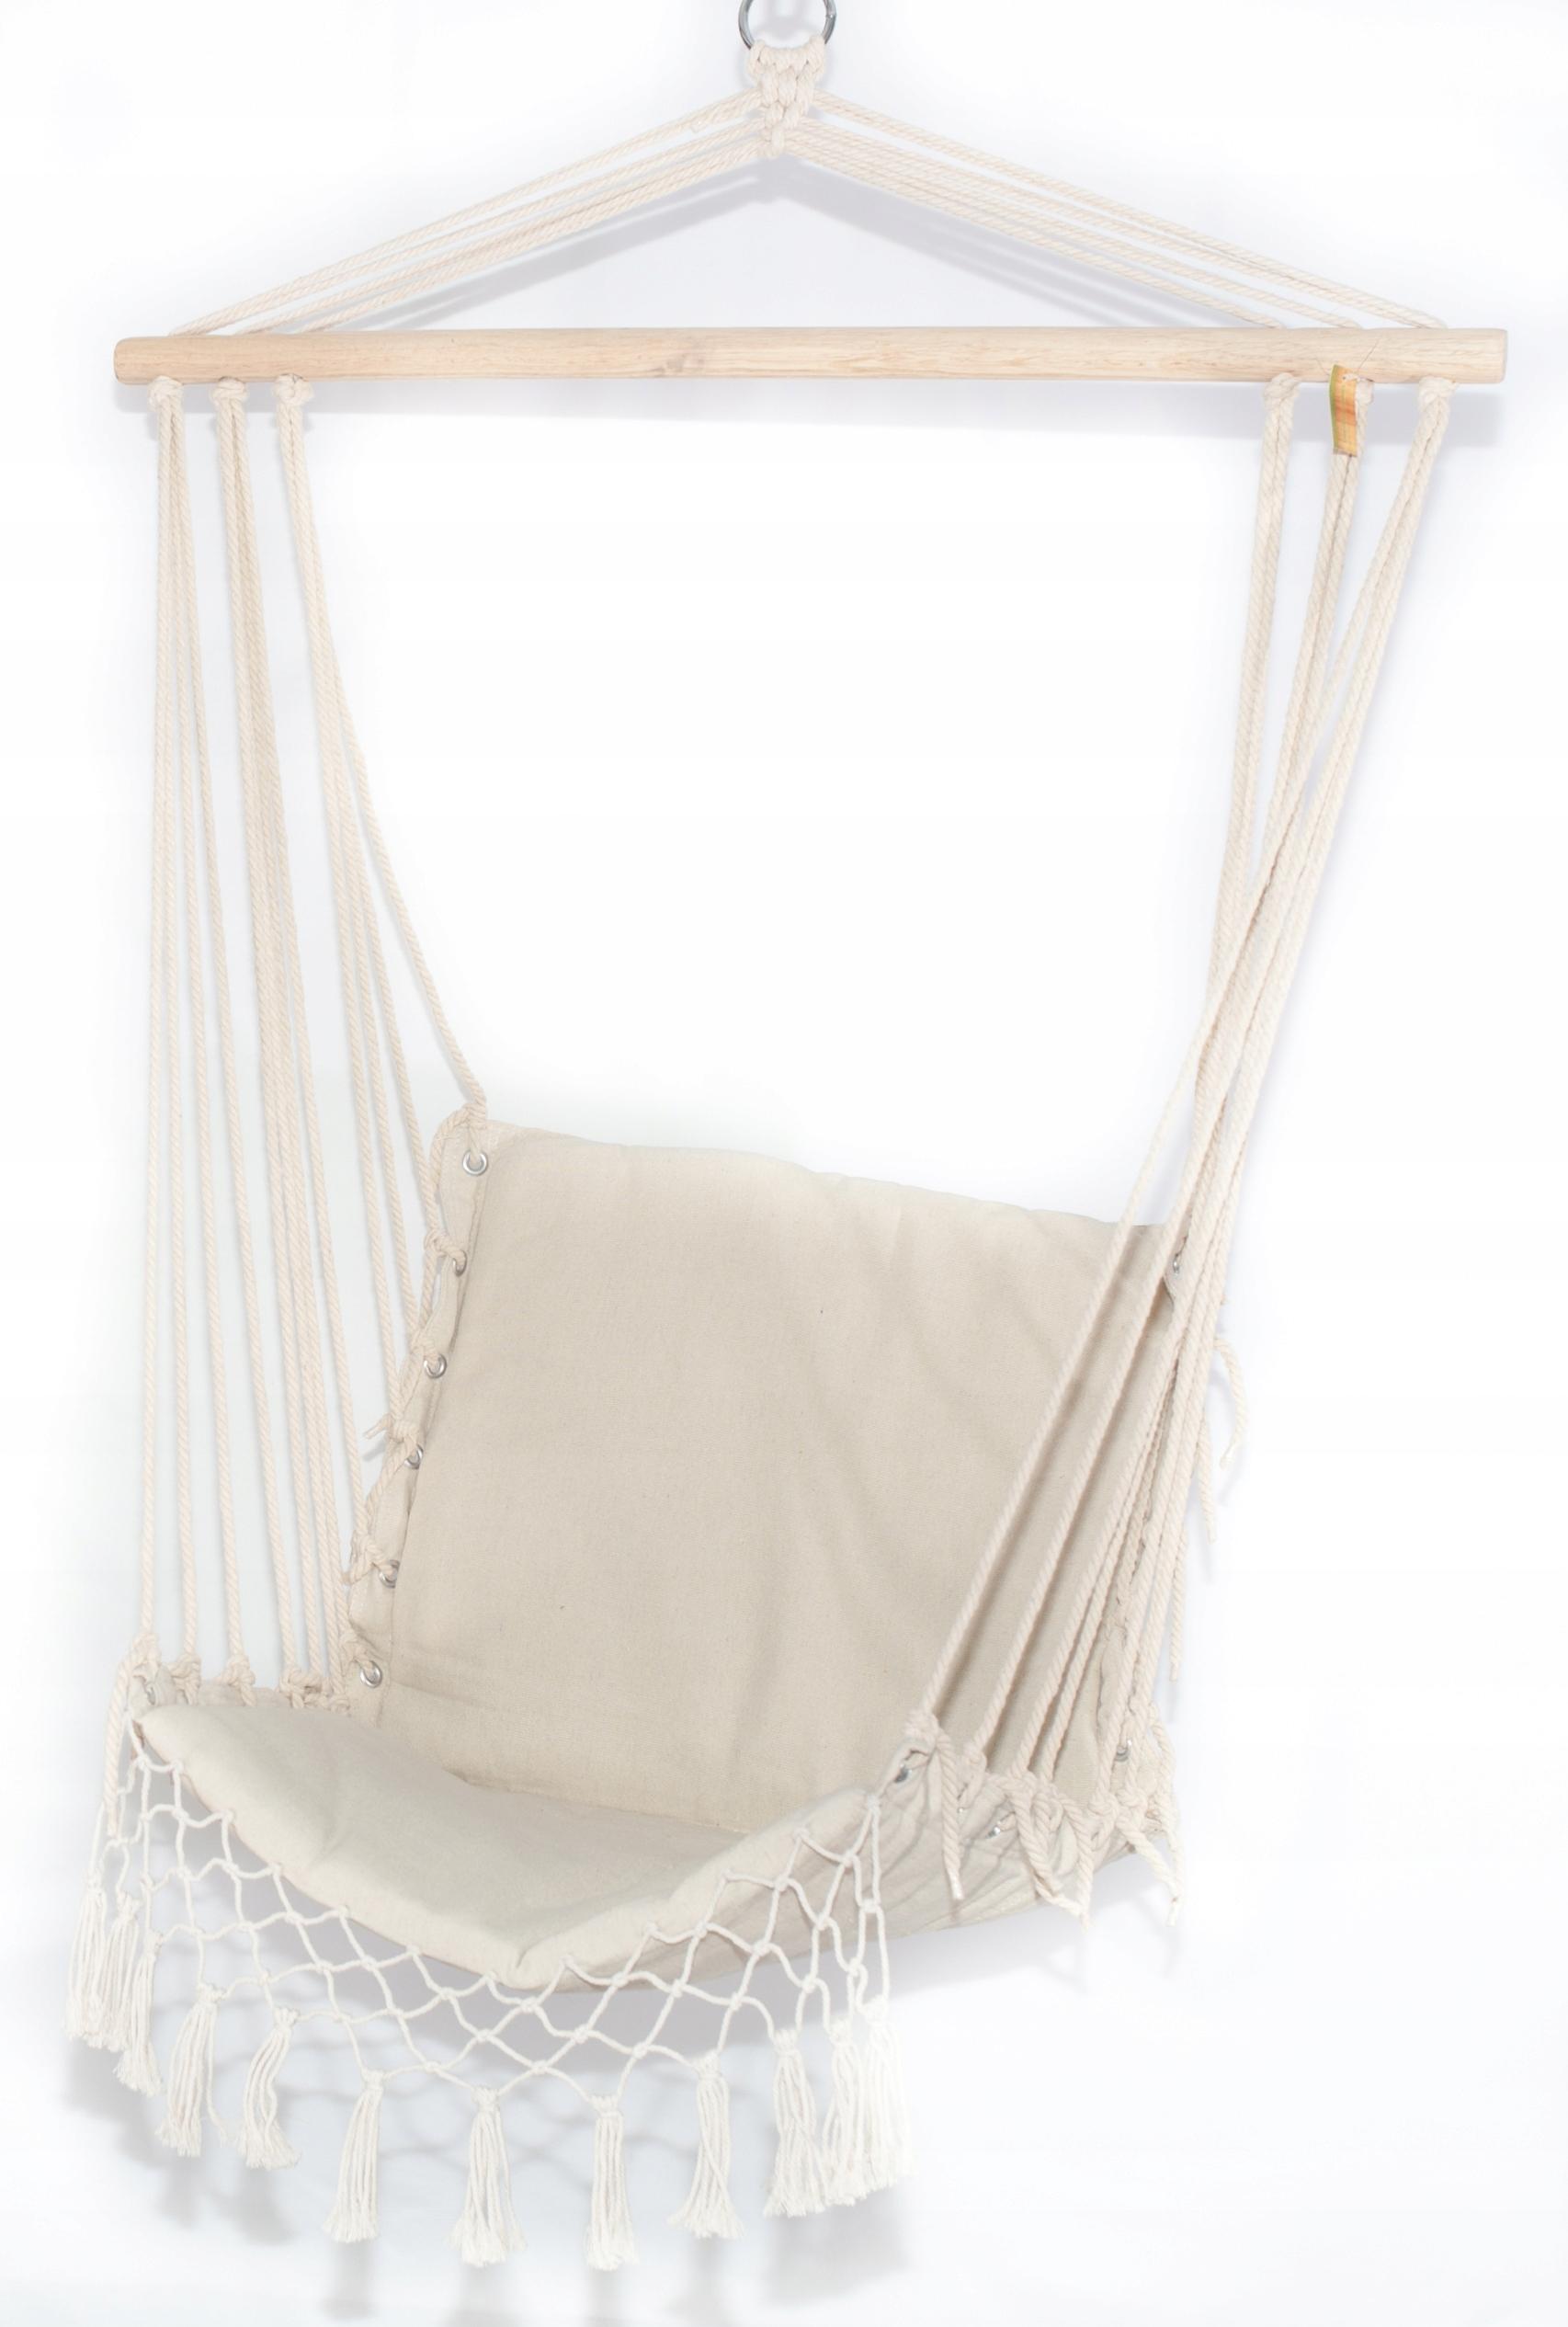 Krzesło Wiszące Brazylijskie Fotel Huśtawka Hamak